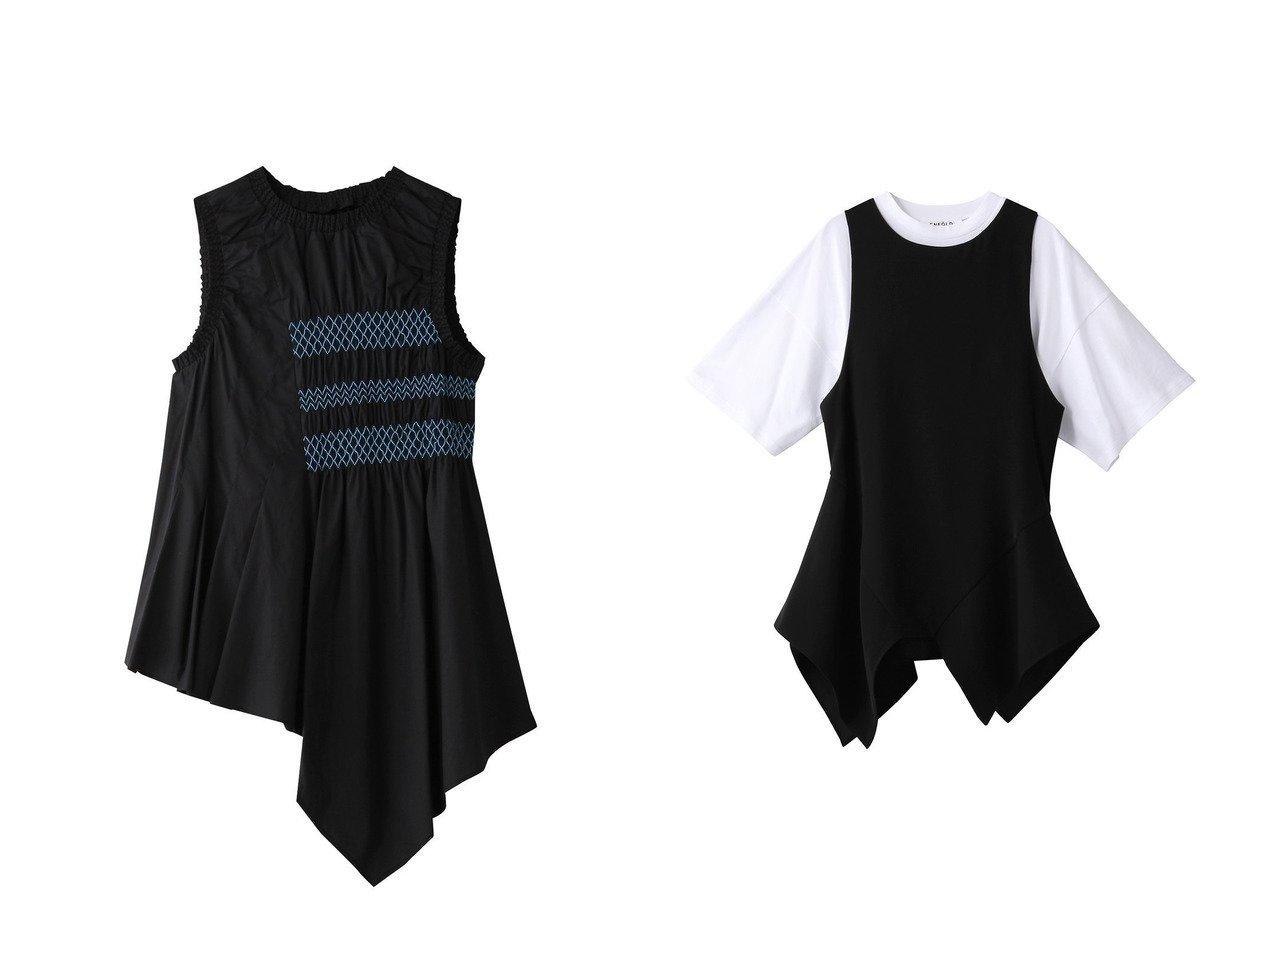 【ENFOLD/エンフォルド】のSOMELOS スモッキングトップス&クラシック天竺 ベストレイヤーTシャツ 【トップス・カットソー】おすすめ!人気、トレンド・レディースファッションの通販 おすすめで人気の流行・トレンド、ファッションの通販商品 メンズファッション・キッズファッション・インテリア・家具・レディースファッション・服の通販 founy(ファニー) https://founy.com/ ファッション Fashion レディースファッション WOMEN トップス・カットソー Tops/Tshirt シャツ/ブラウス Shirts/Blouses アウター Coat Outerwear ロング / Tシャツ T-Shirts ベスト/ジレ Gilets/Vests カットソー Cut and Sewn おすすめ Recommend アシンメトリー スモッキング スリーブ セットアップ ターコイズ フレア フロント ロング クラシック ショルダー ショート スクエア ドレープ ドロップ ベスト |ID:crp329100000035595